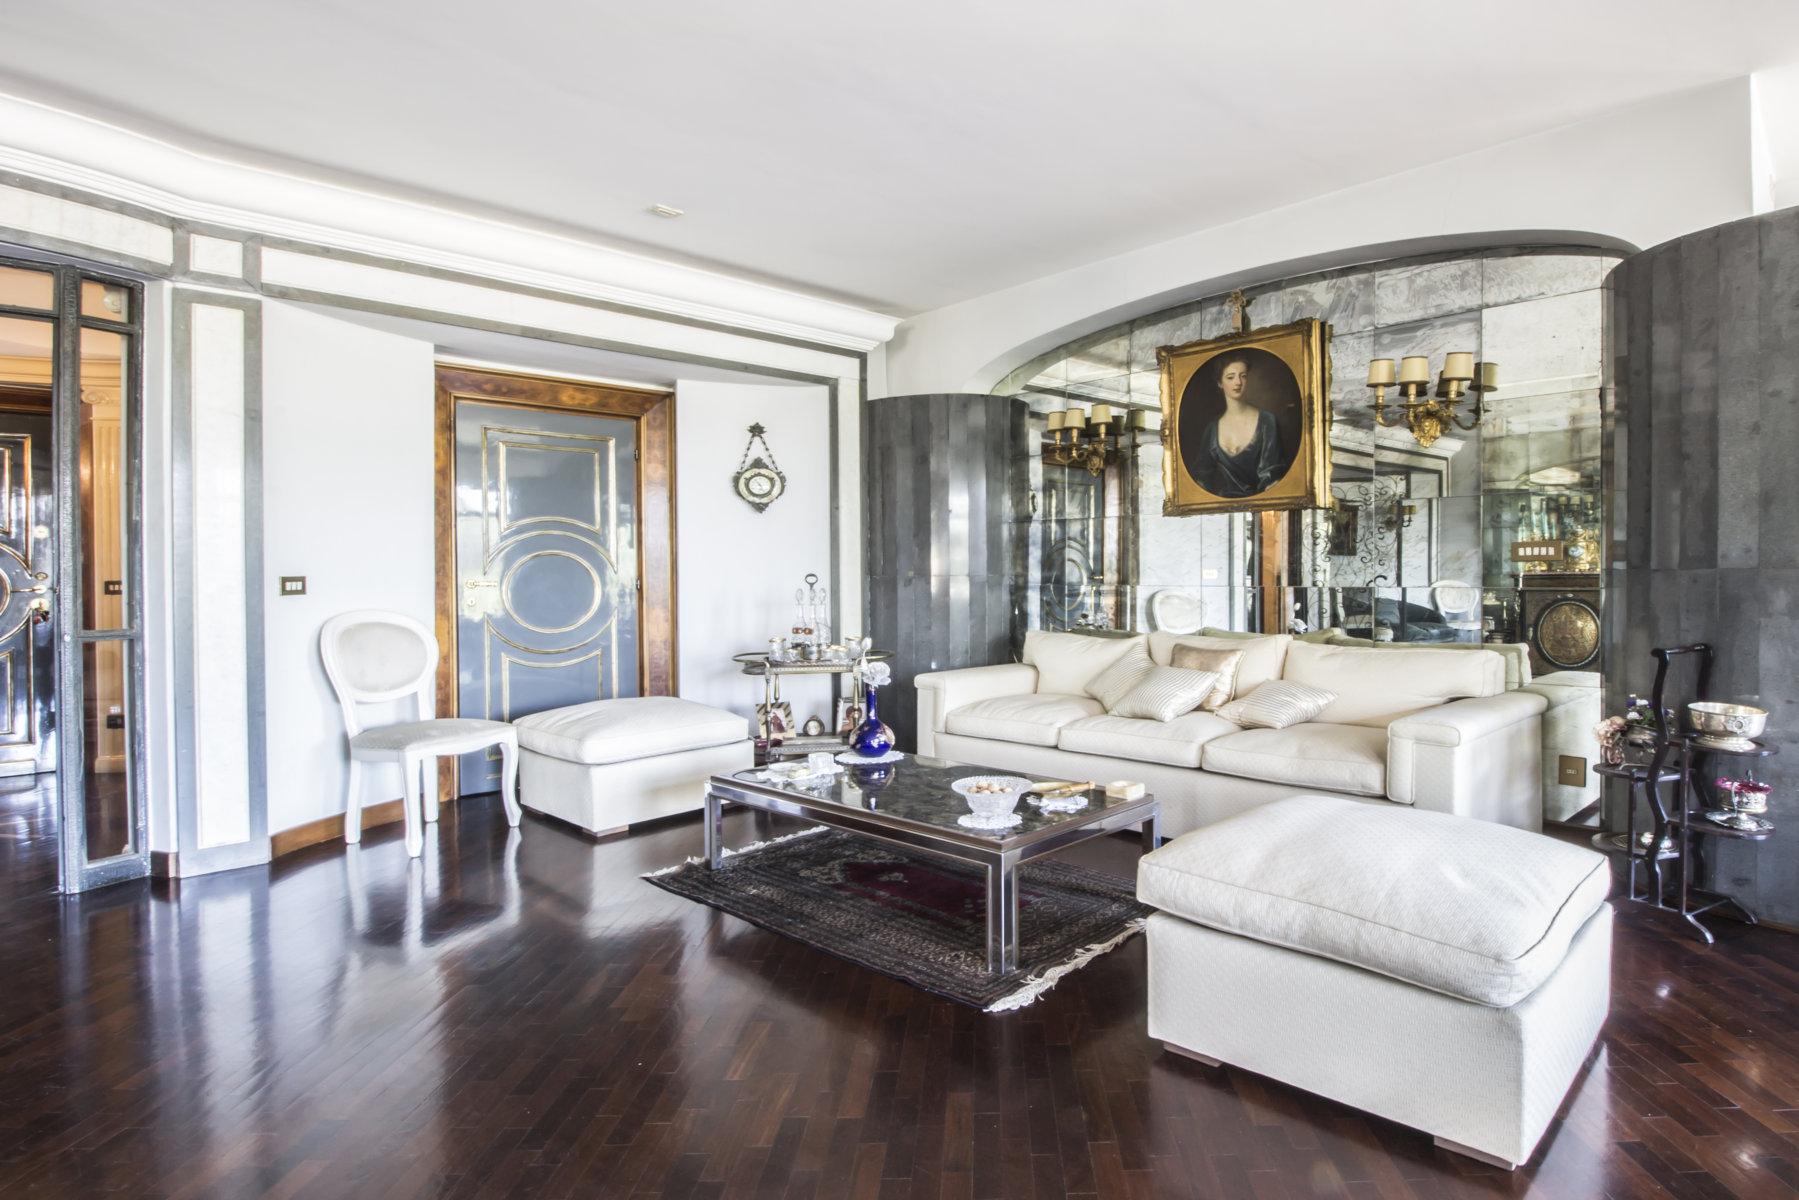 Cbi072 568 ex461 attico in vendita a roma aventino for Aventino immobiliare